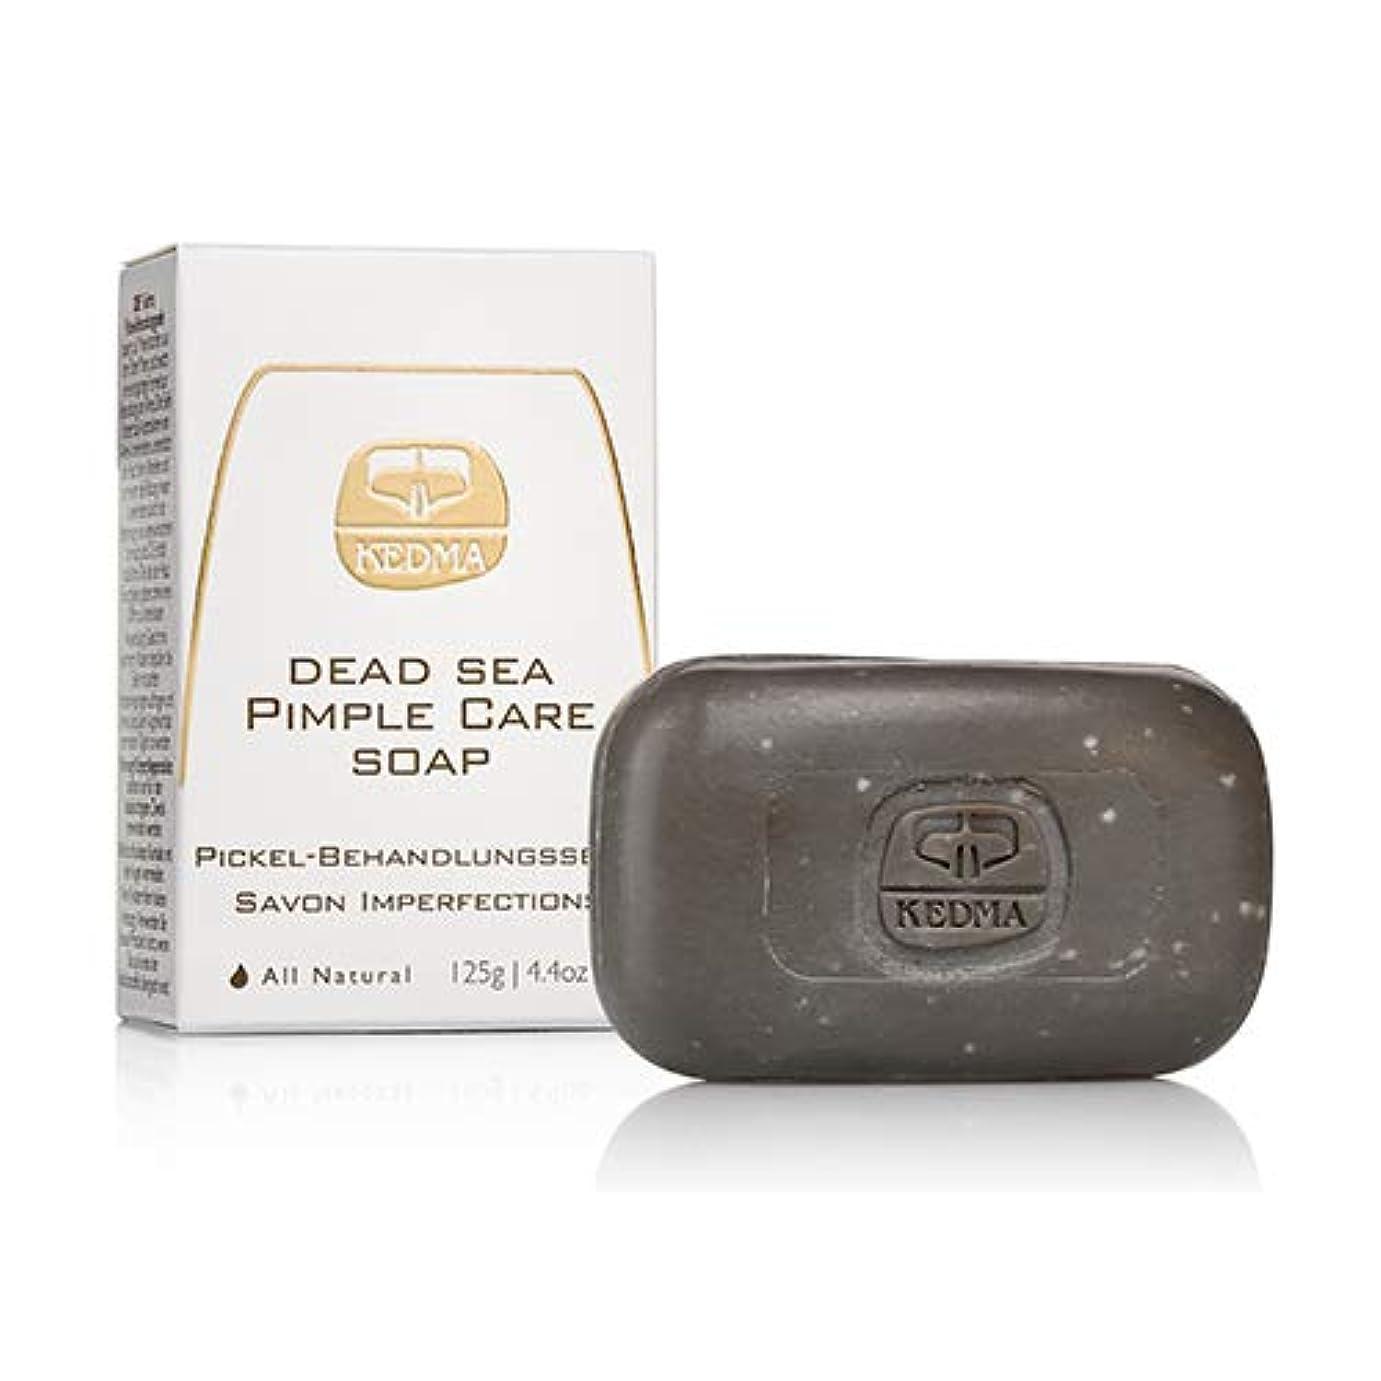 生物学エリート信者【日本初上陸/正規代理店】KEDMA死海のミネラル石鹸 死海ピンプルケアソープ 125g